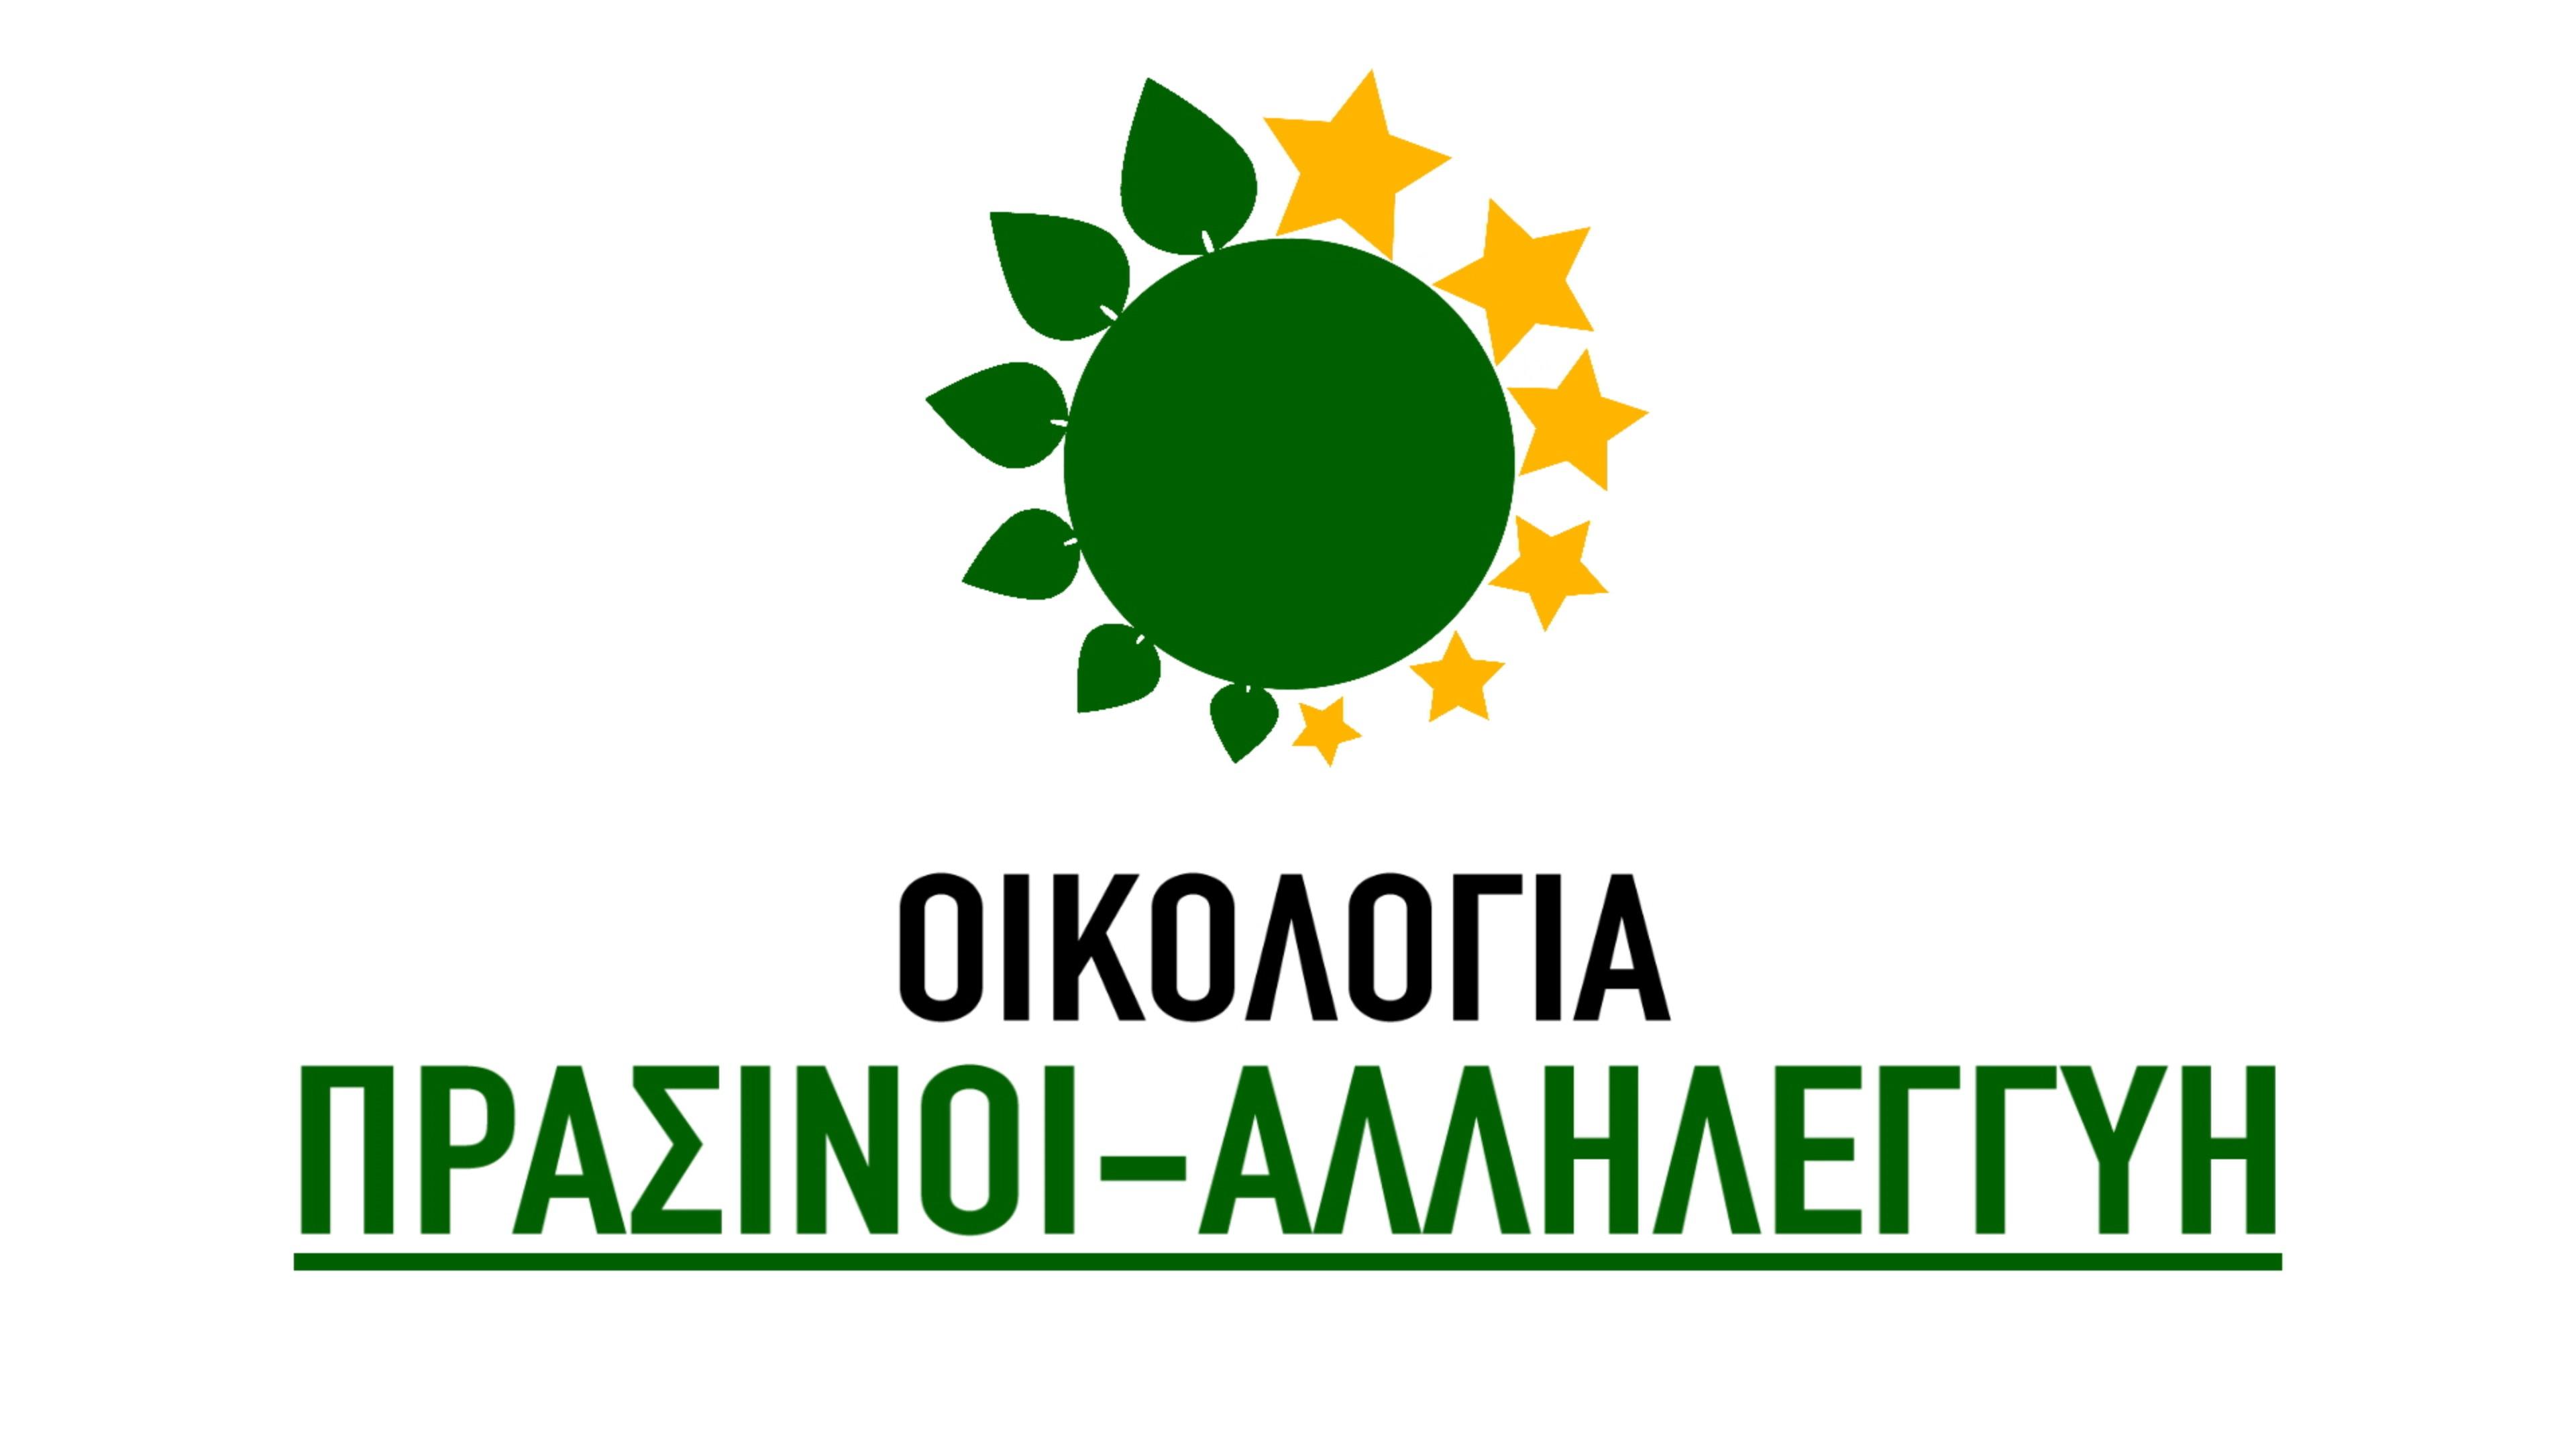 ΠΡΑΣΙΝΟΙ-ΑΛΛΗΛΕΓΓΥΗ - Νίκος Χρυσόγελος: κάντε δική σας υπόθεση την εκλογή πράσινου ευρωβουλευτή Θα έρθει το Πράσινο Κύμα και στην Ελλάδα